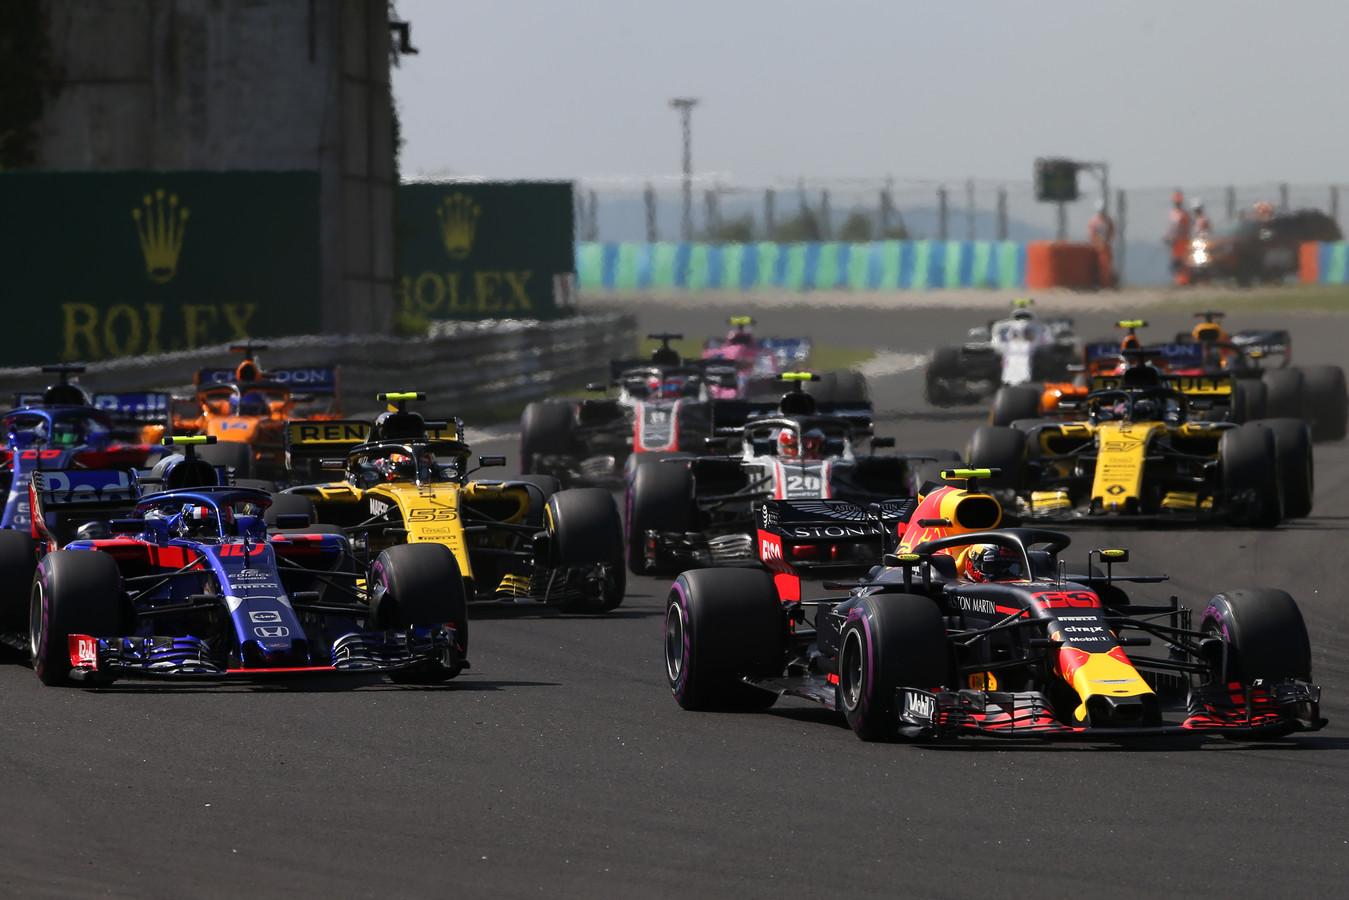 Max Verstappen voor Pierre Gasly in de Toro Rosso en de wagens van Renault